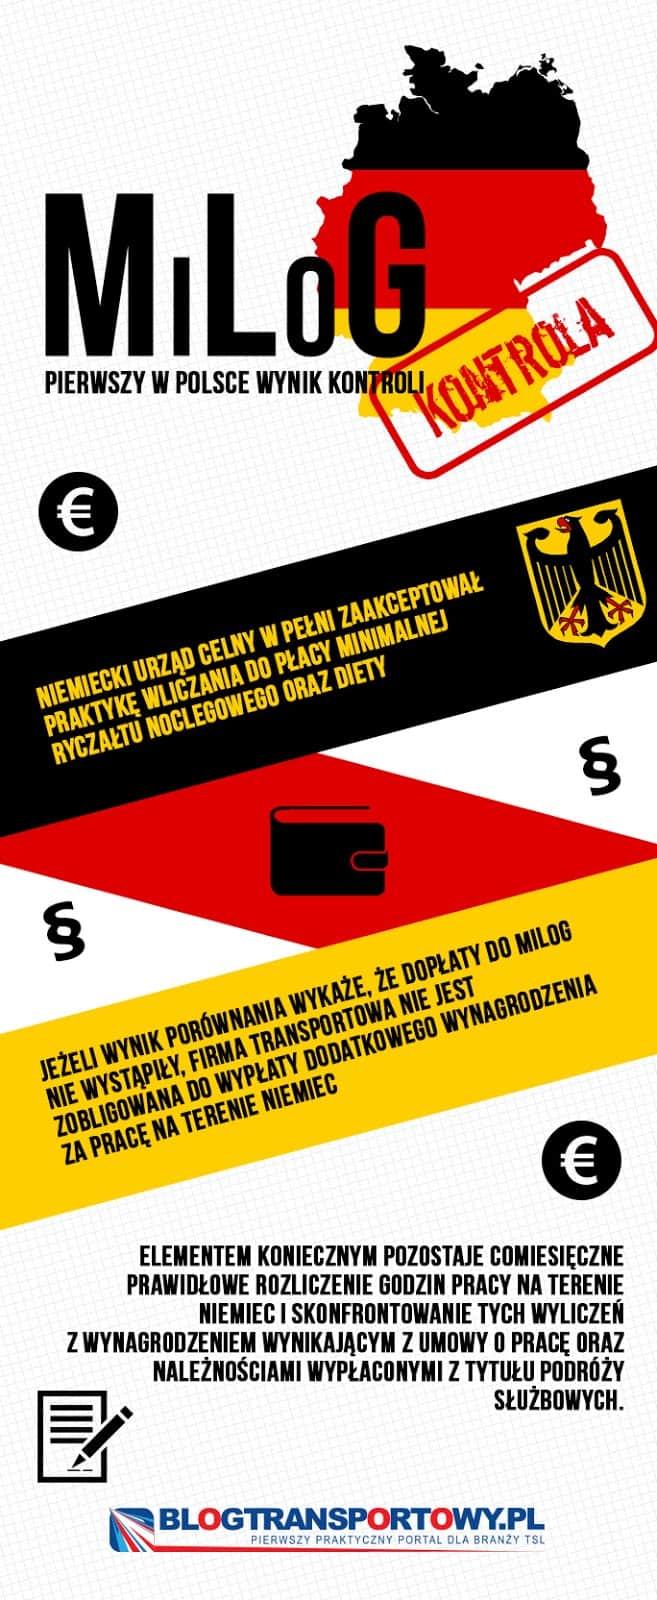 MILOG: Wyniki pierwszych kontroli w Polsce